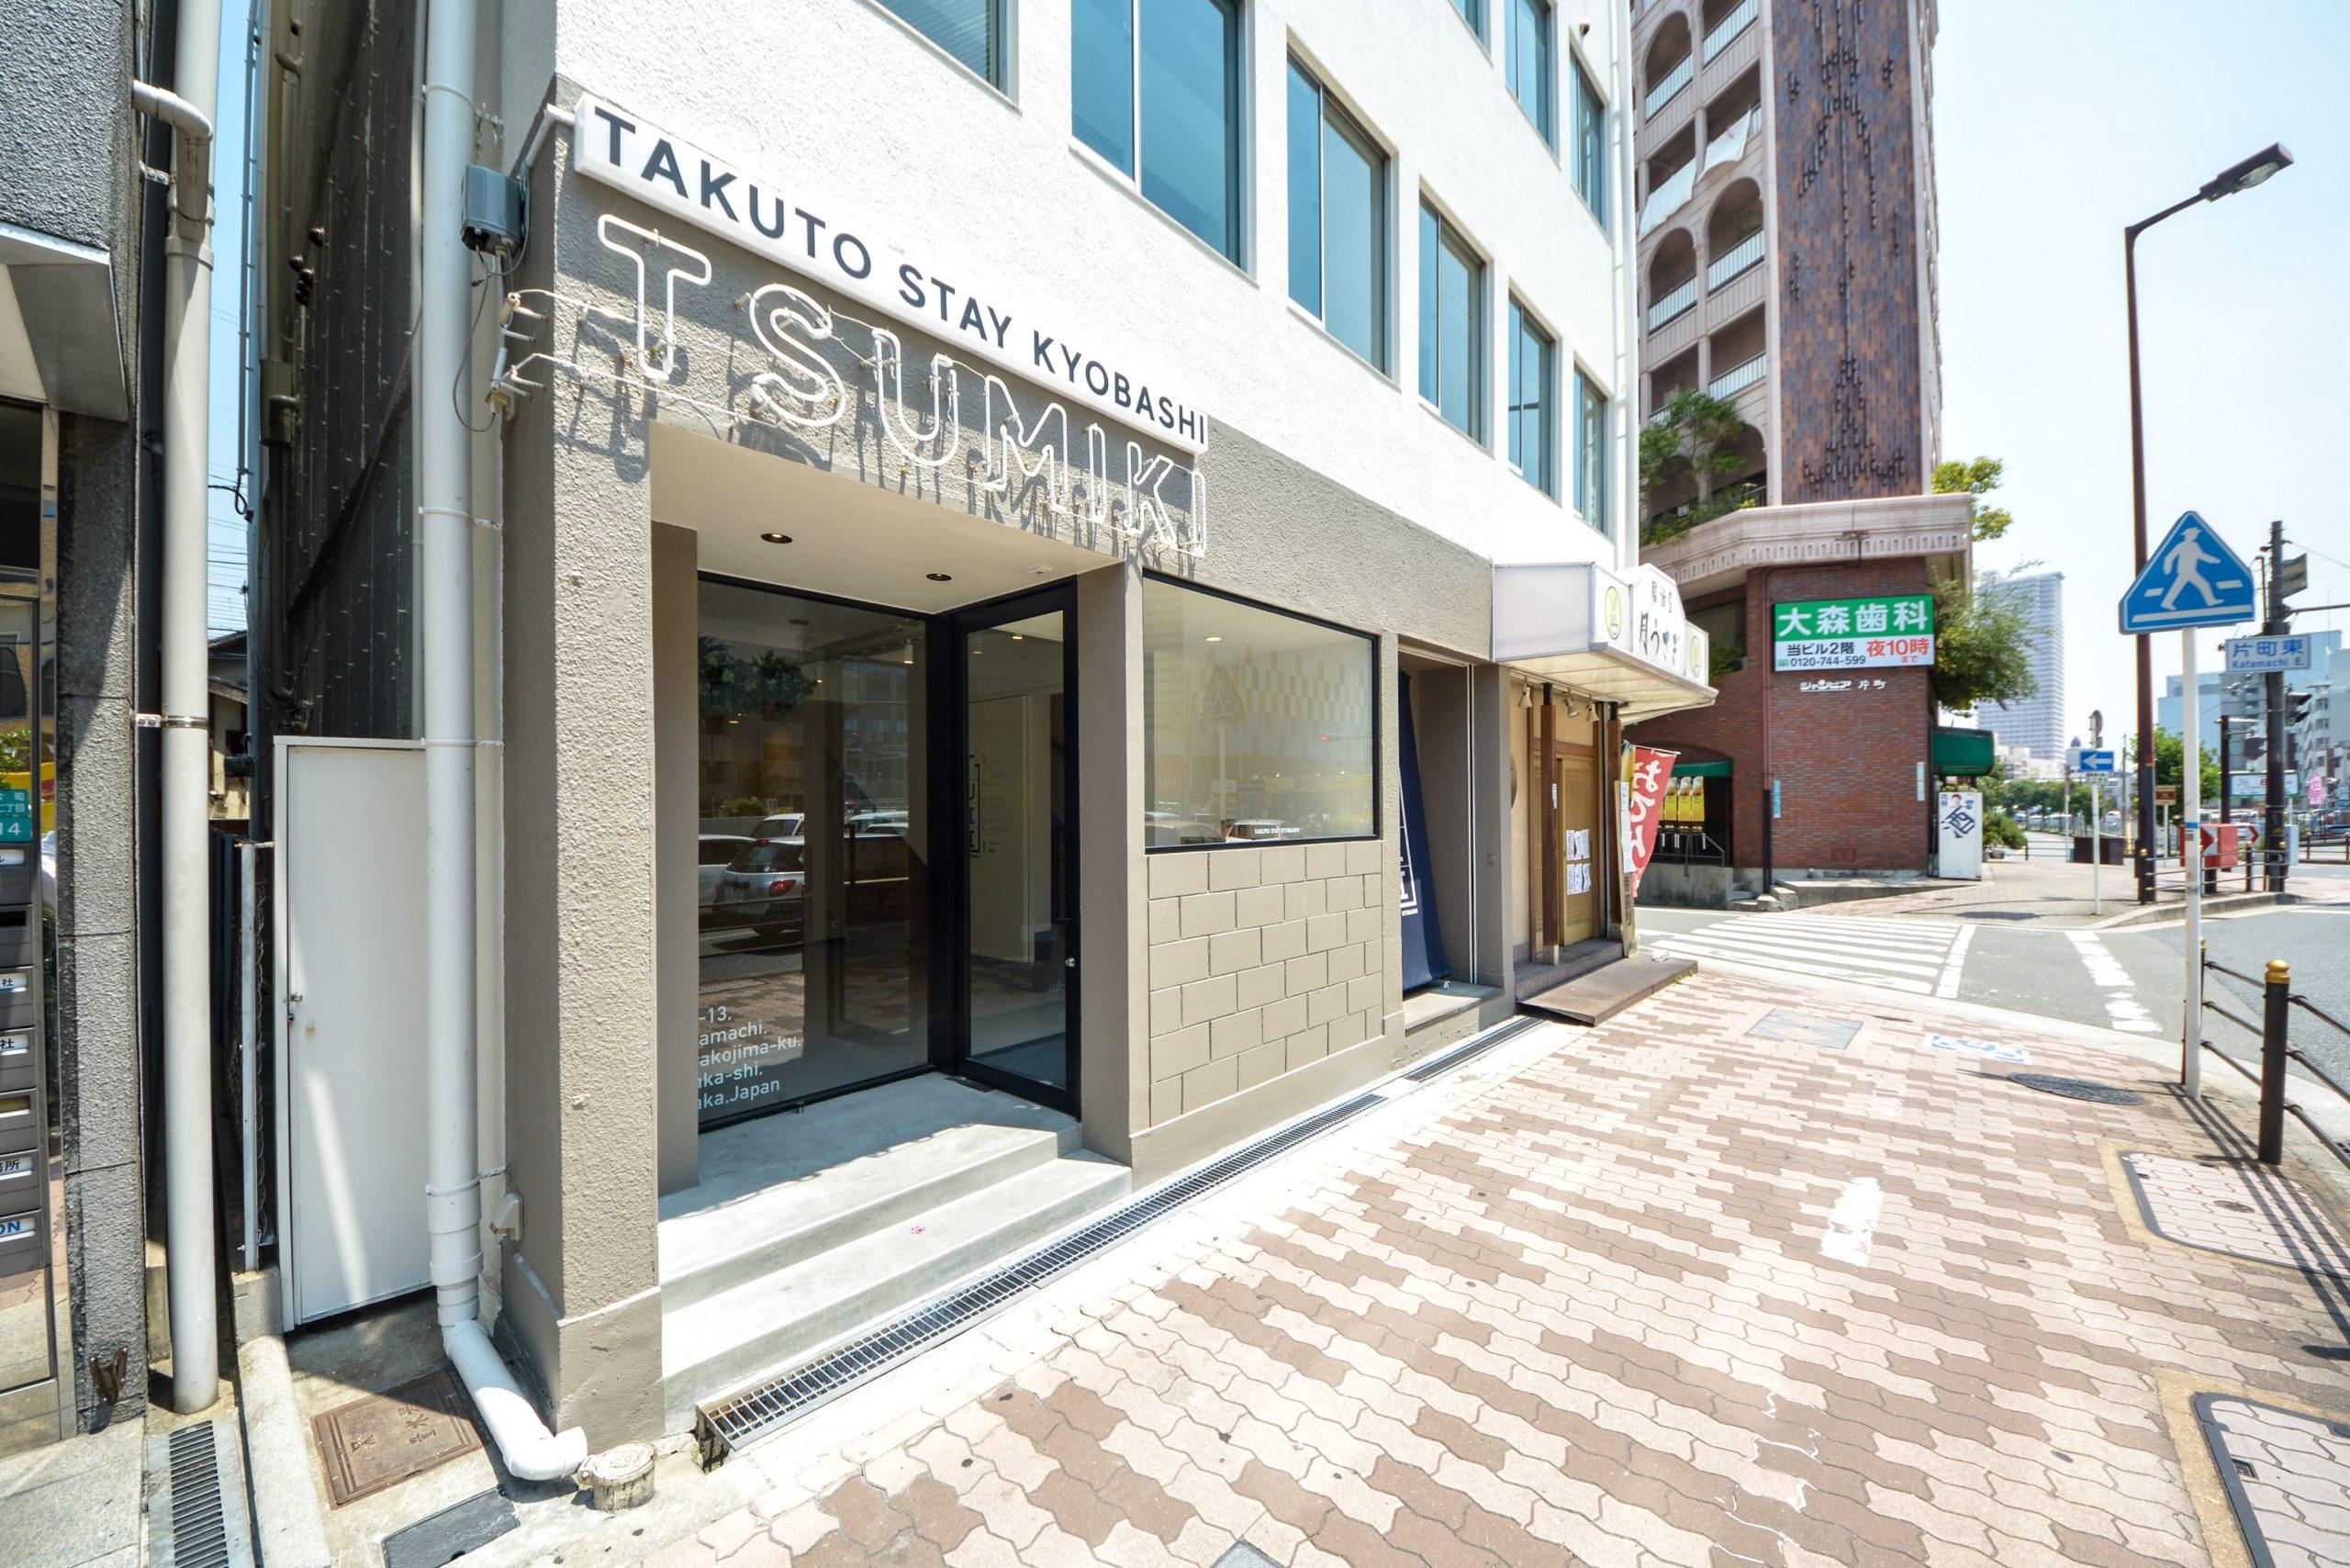 レンタルスペース「Party Room ーTAKUTO STAY 京橋 TSUMIKIー」の画像8